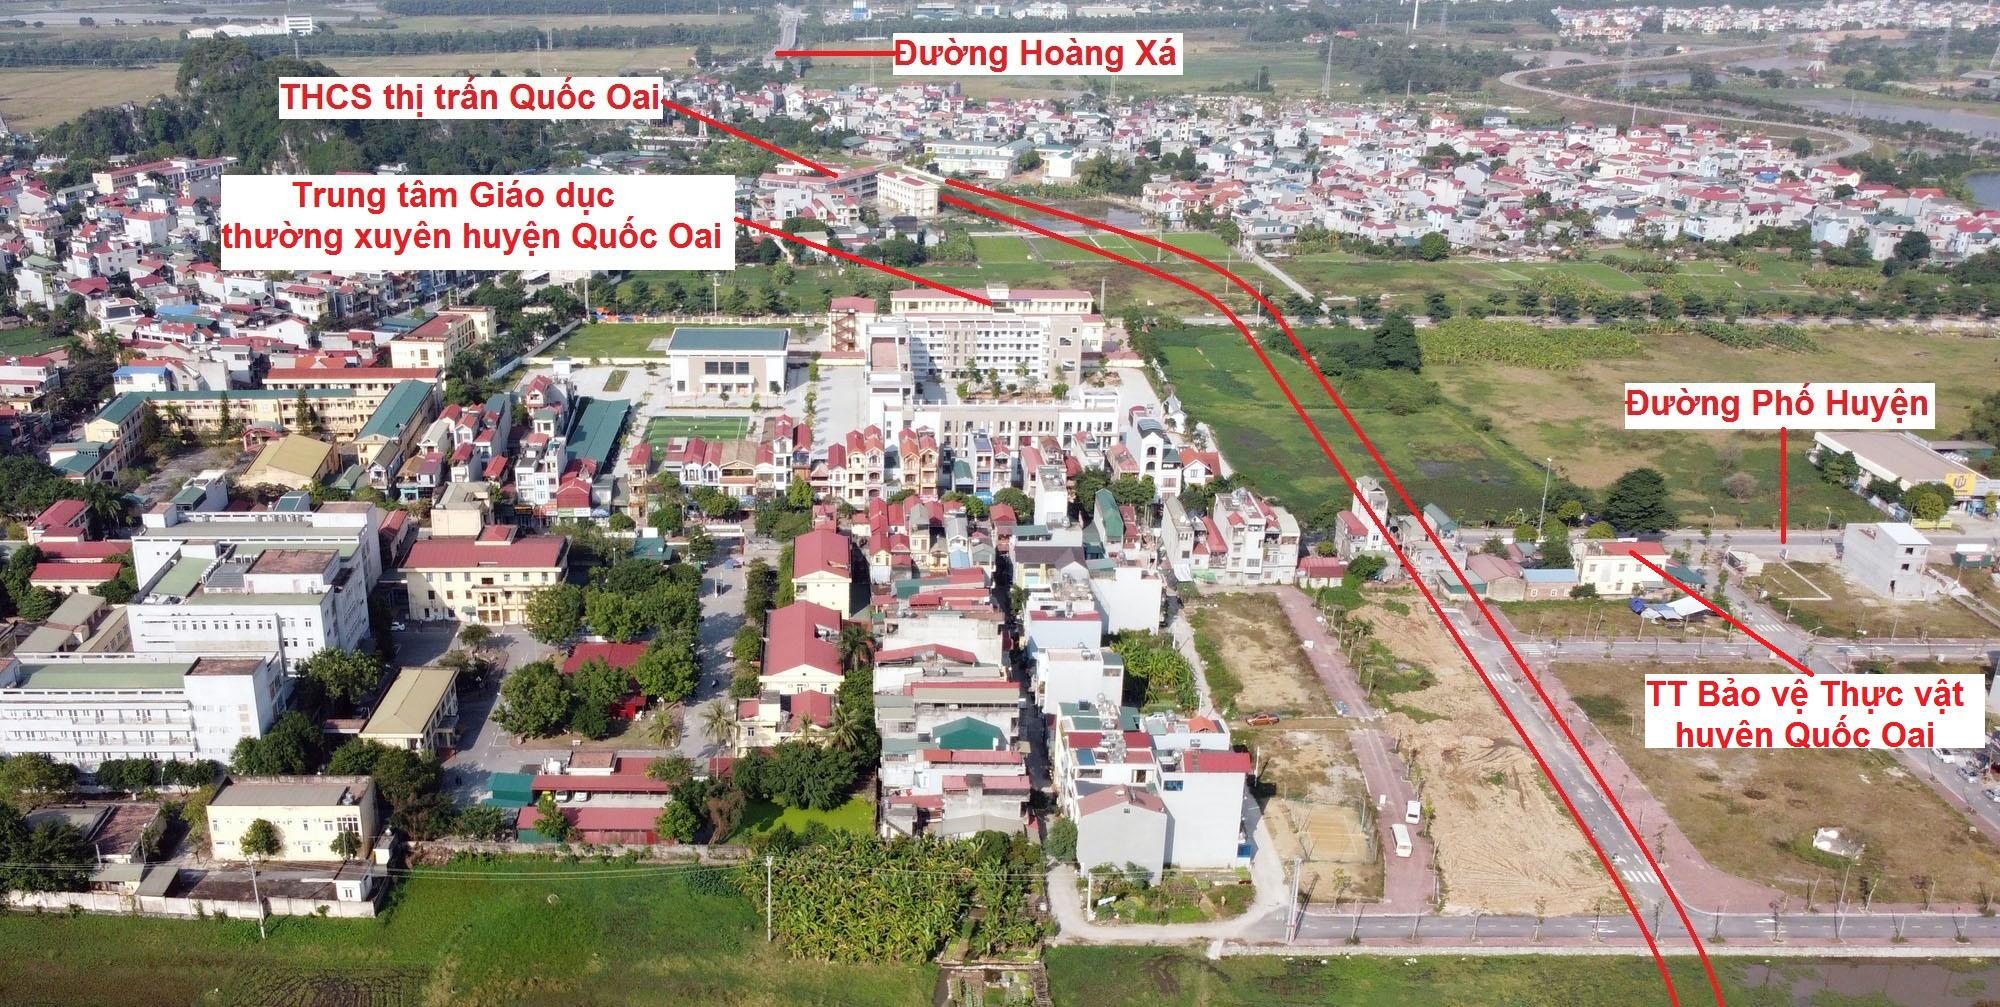 Ba đường sẽ mở theo qui hoạch ở thị trấn Quốc Oai, Quốc Oai, Hà Nội - Ảnh 10.